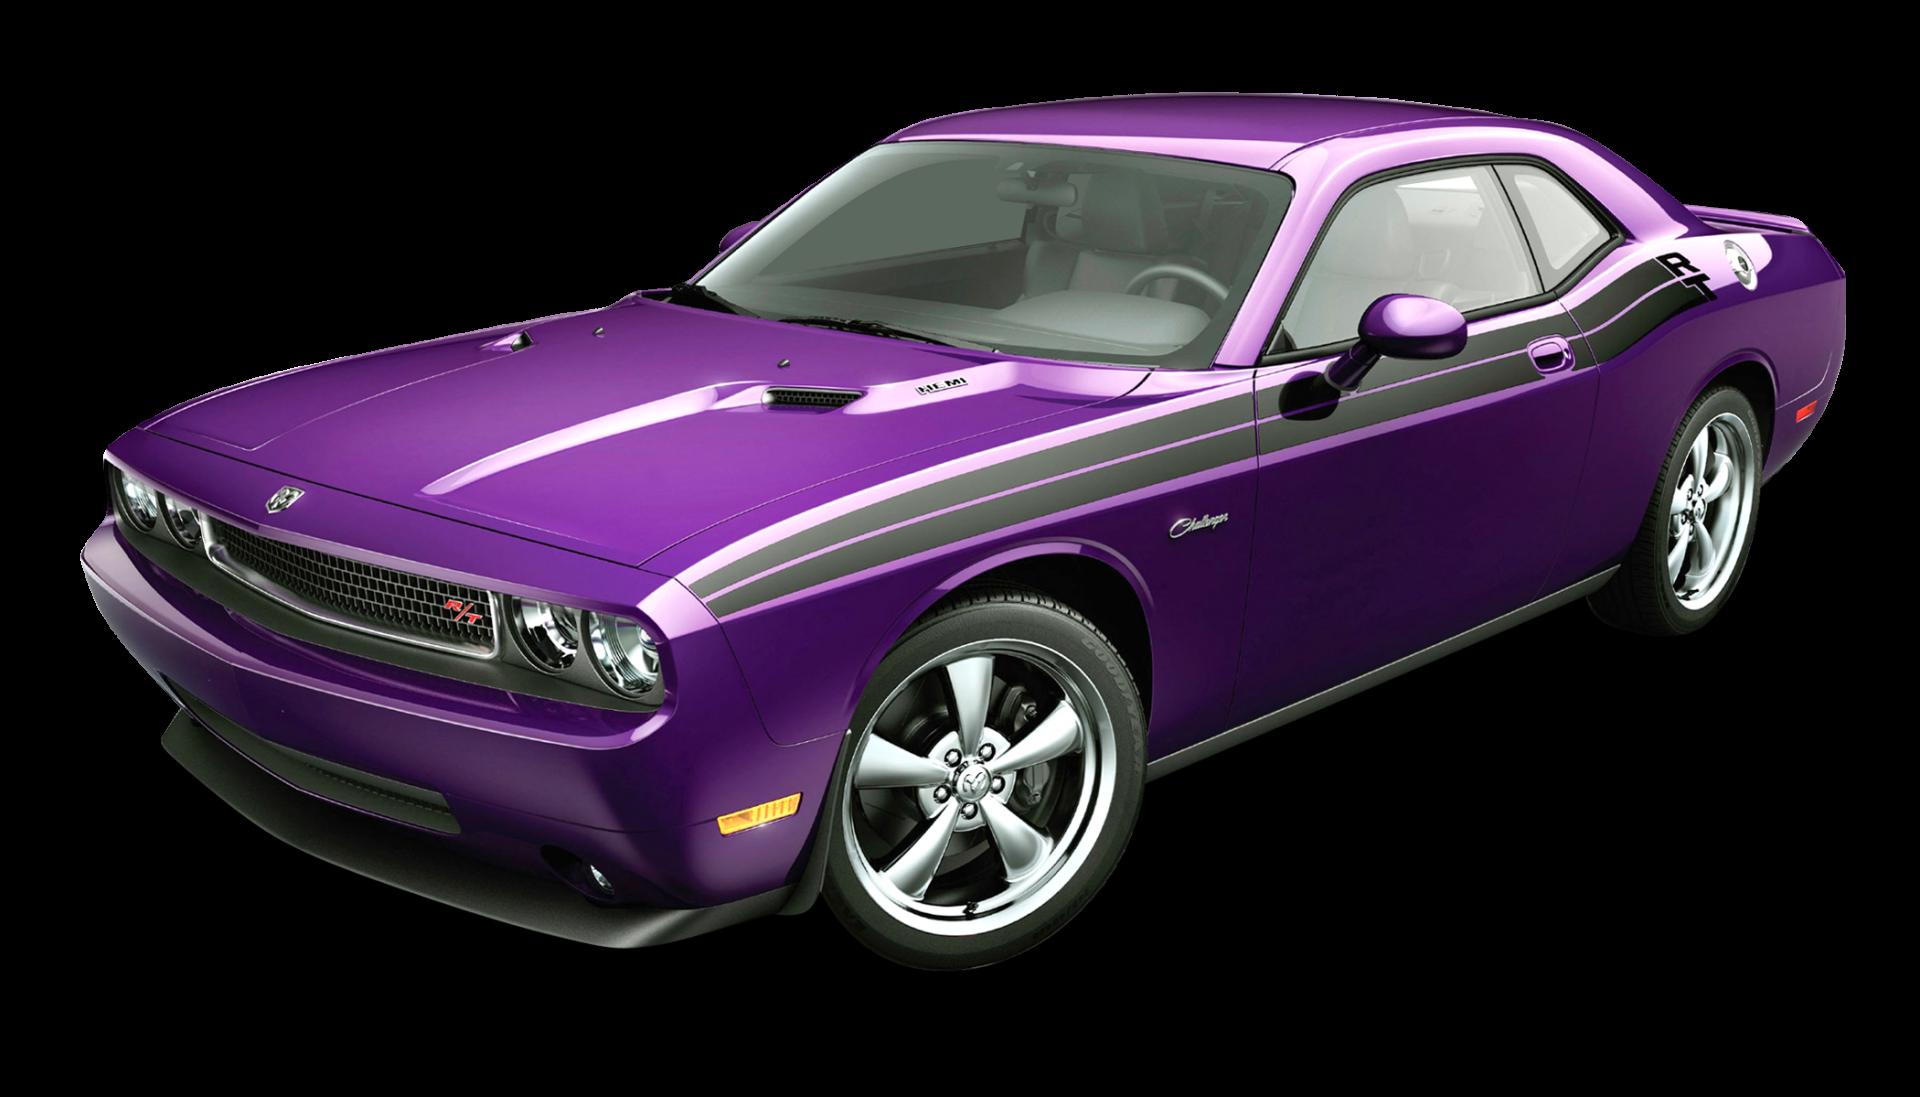 PNGPIX-COM-Dodge-Challenger-Violet-Car-PNG-Image.thumb.png.4f388e18d8c4a05be13978e4a2068ba2.png